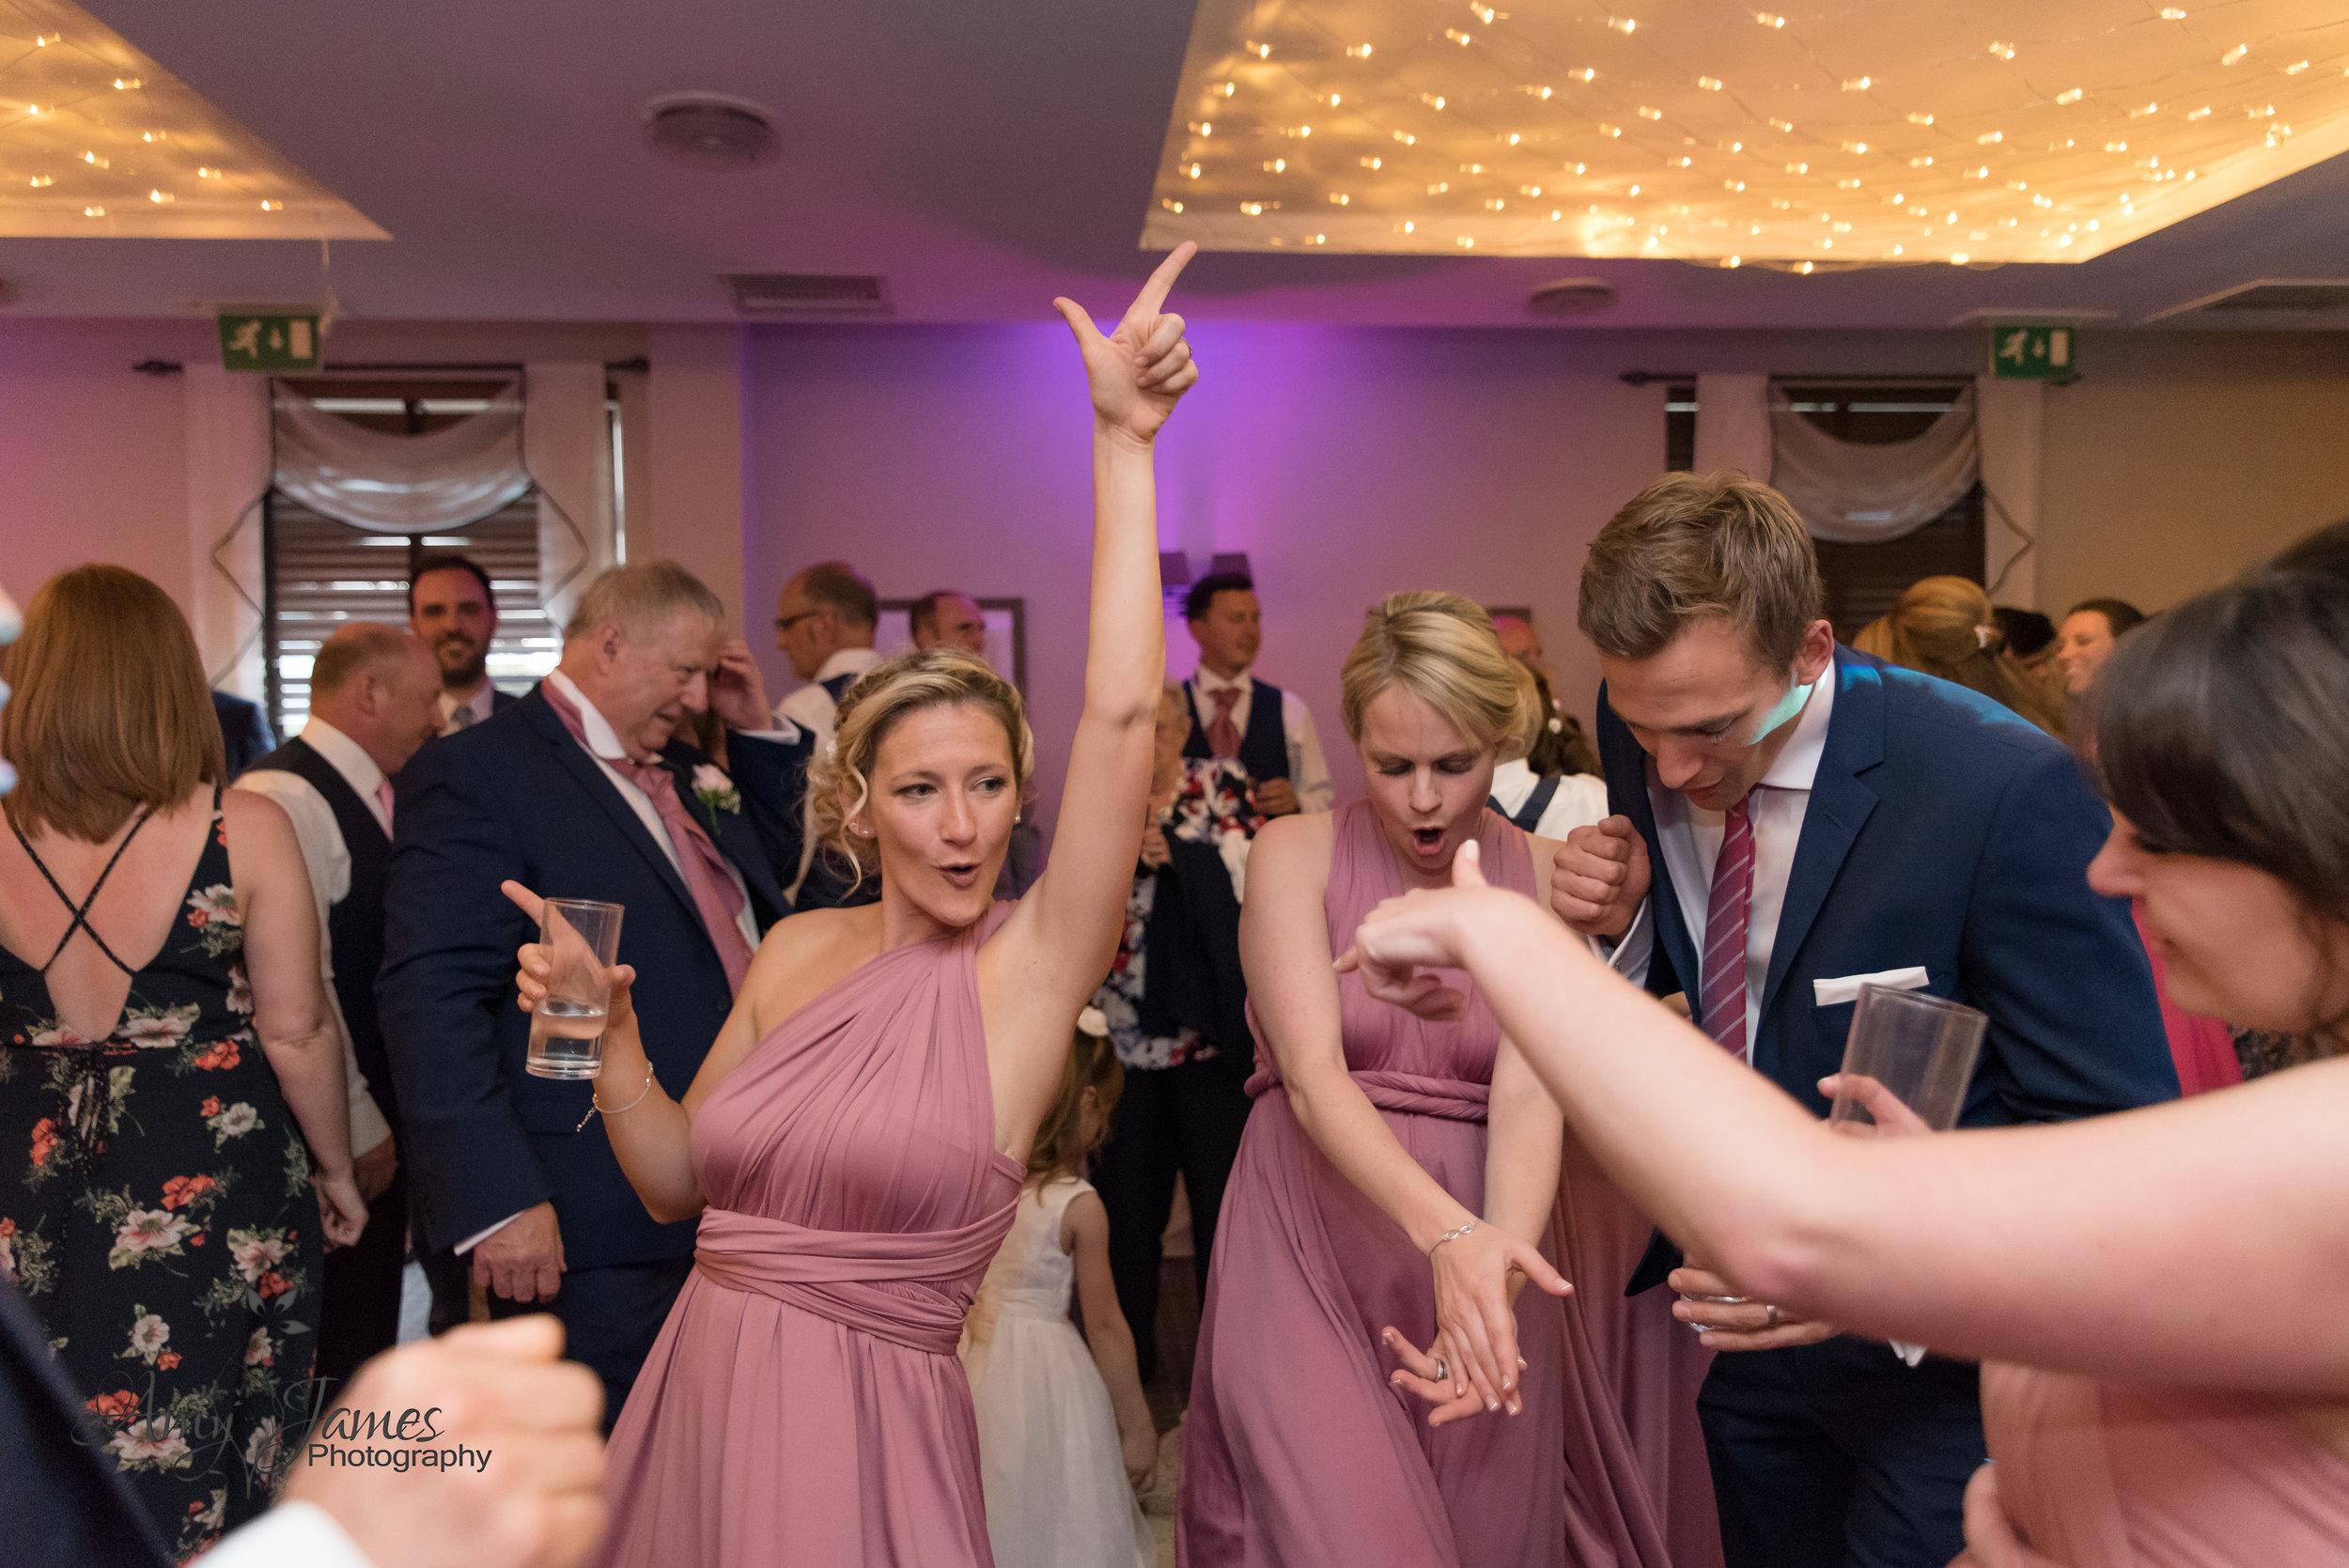 Hampshire wedding photographer | Fleet wedding photgrapher